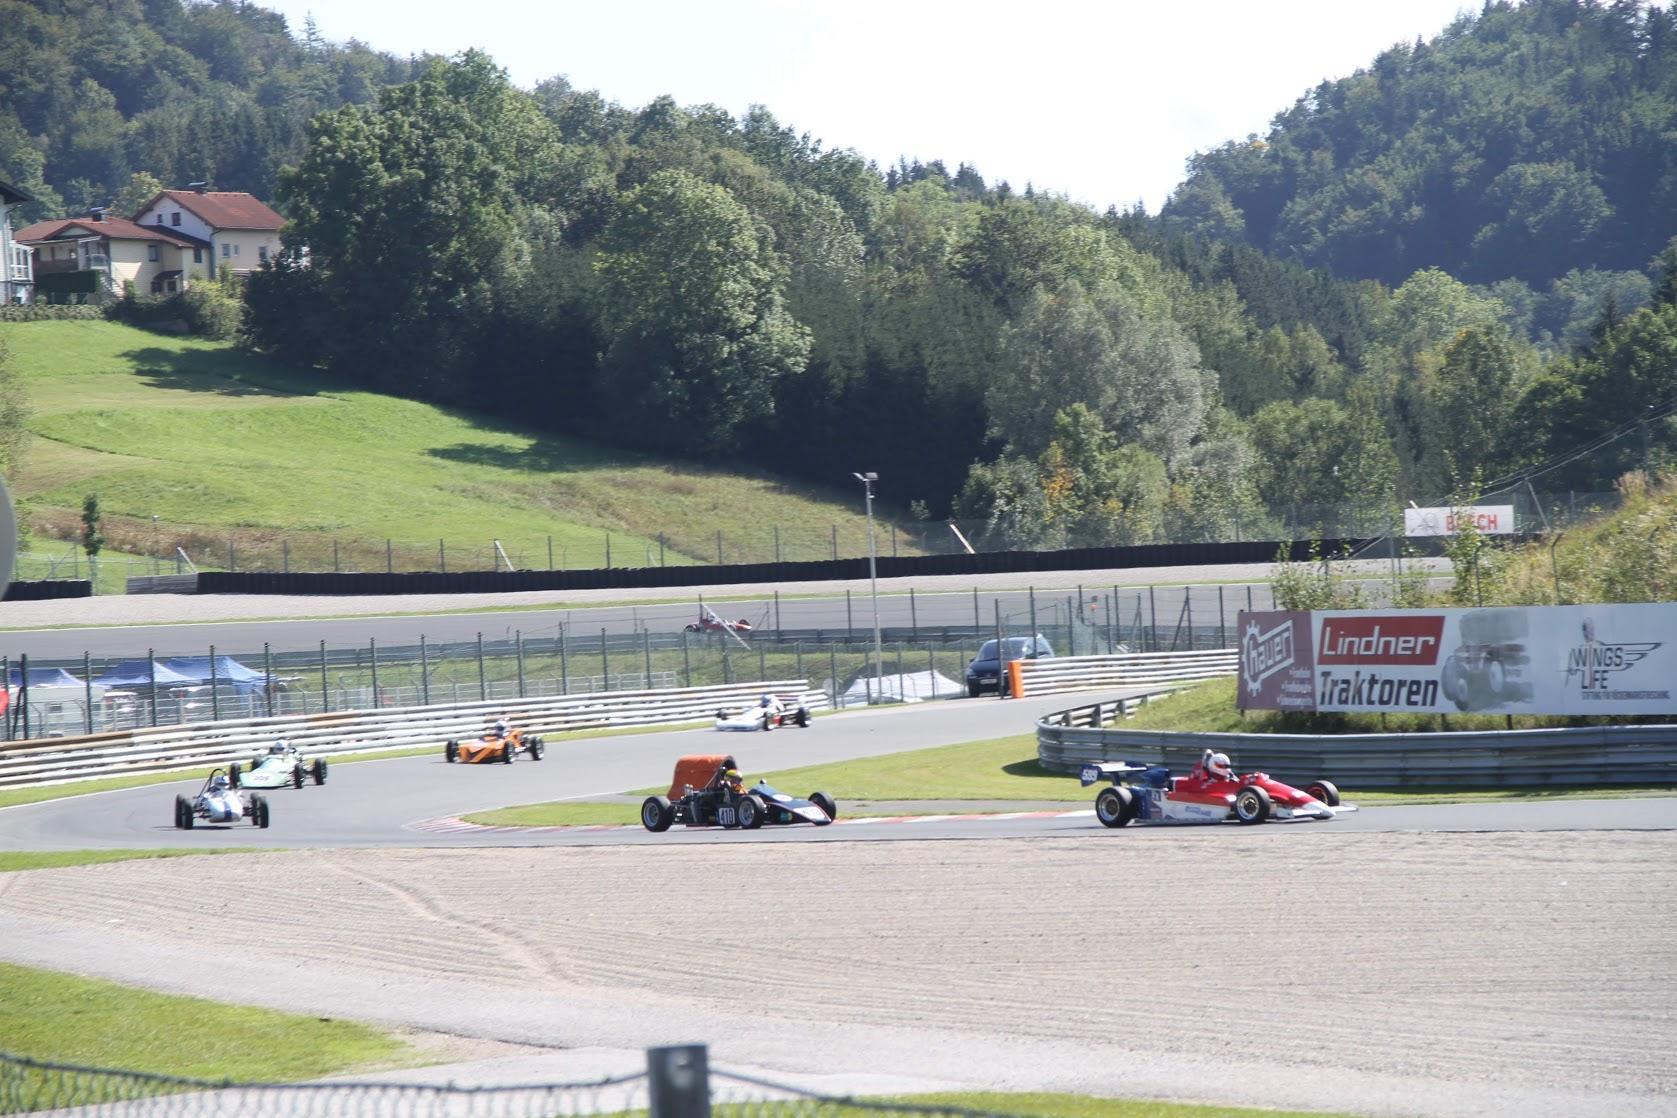 salzburgring_2019_IMG_3502